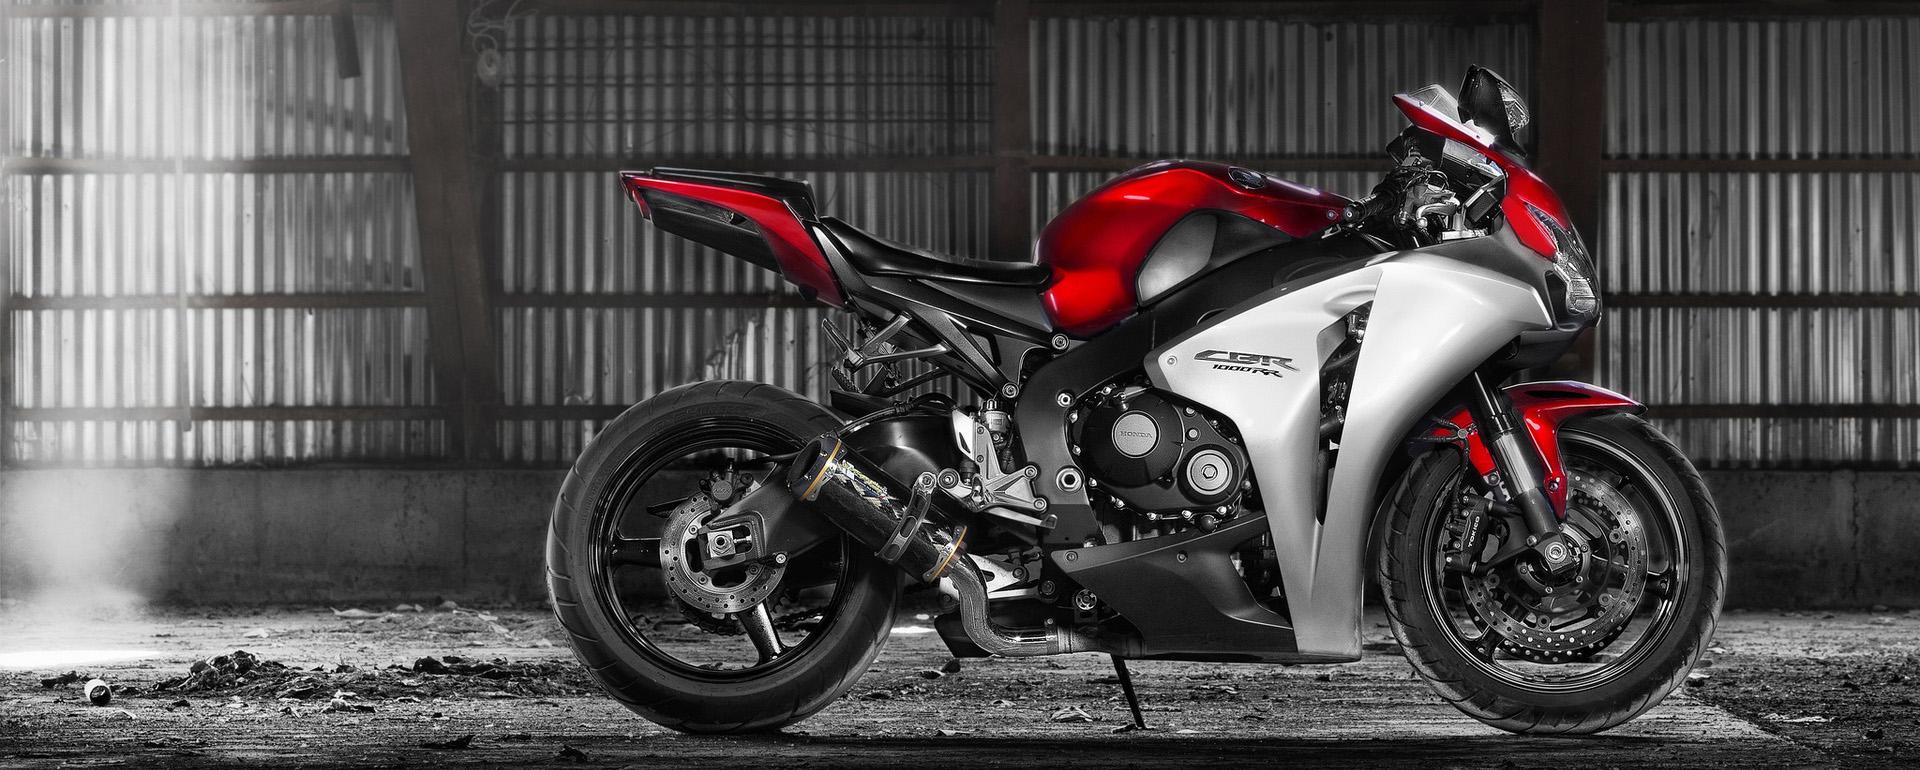 Honda CBR1000RR/CBR600RR fairings